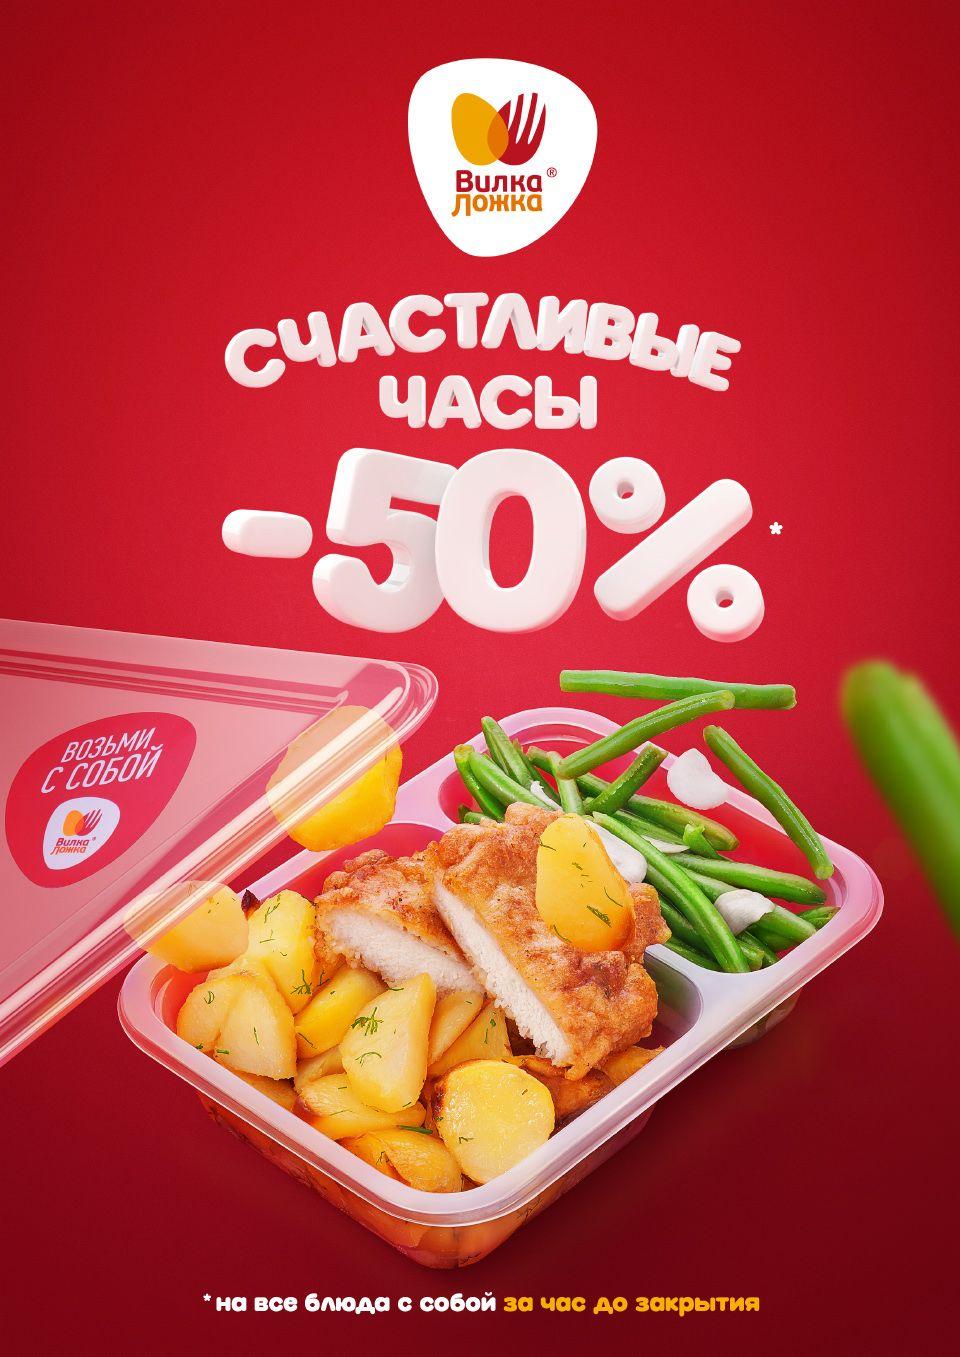 https://www.behance.net/gallery/22352147/Advertising-food ...